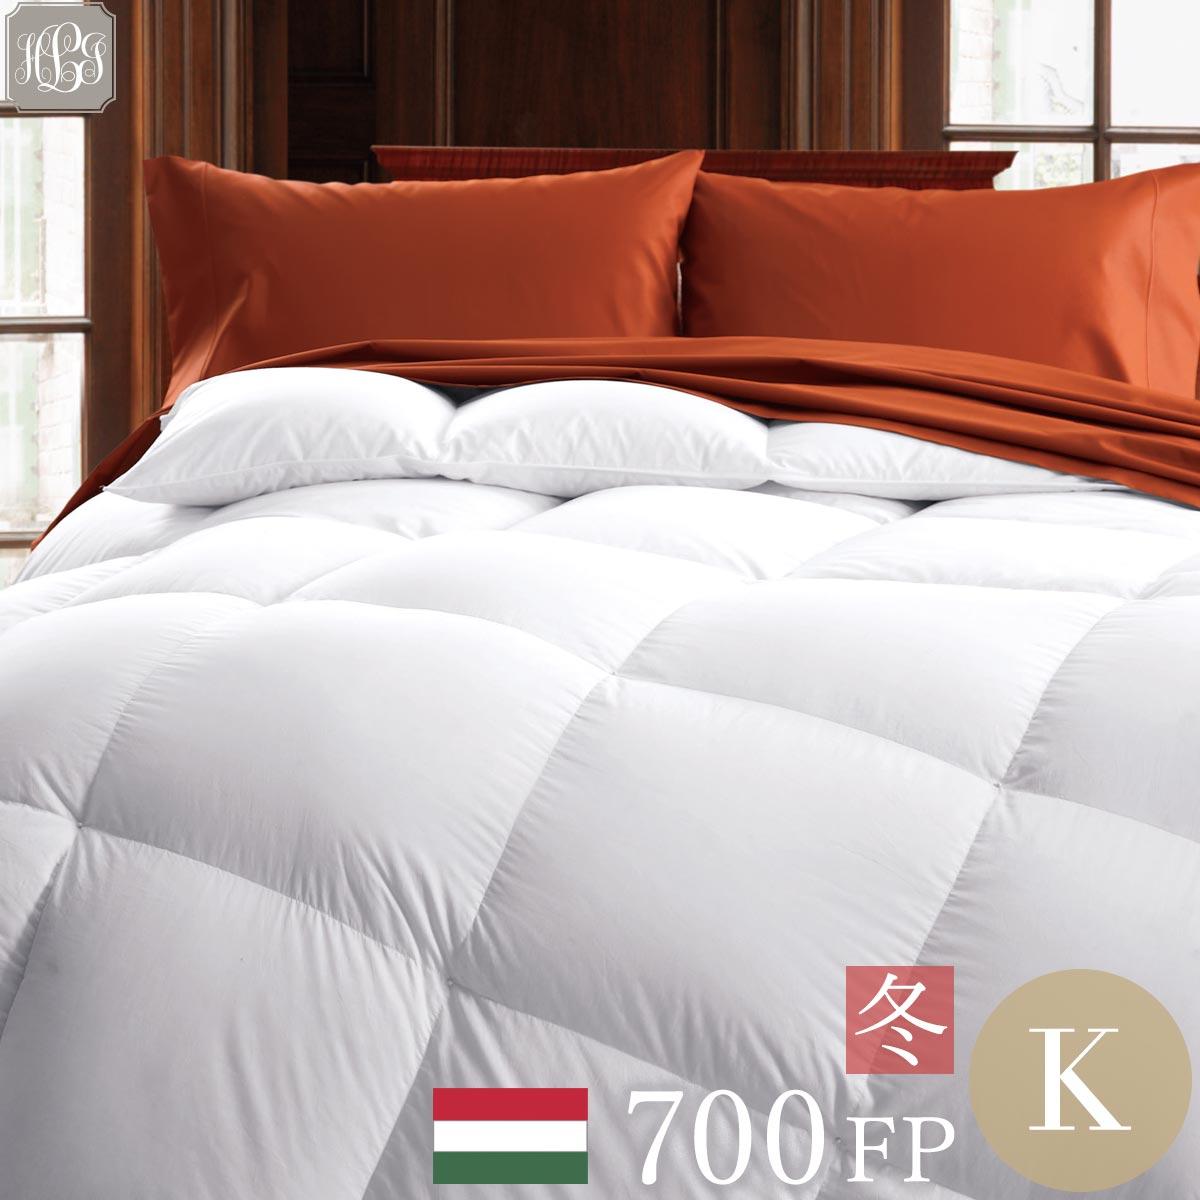 羽毛布団 キング 230cmx210cm 冬用 700FPハンガリー産ホワイトグースダウン 高級ホテル 超長綿100 暖かい 軽い 送料無料